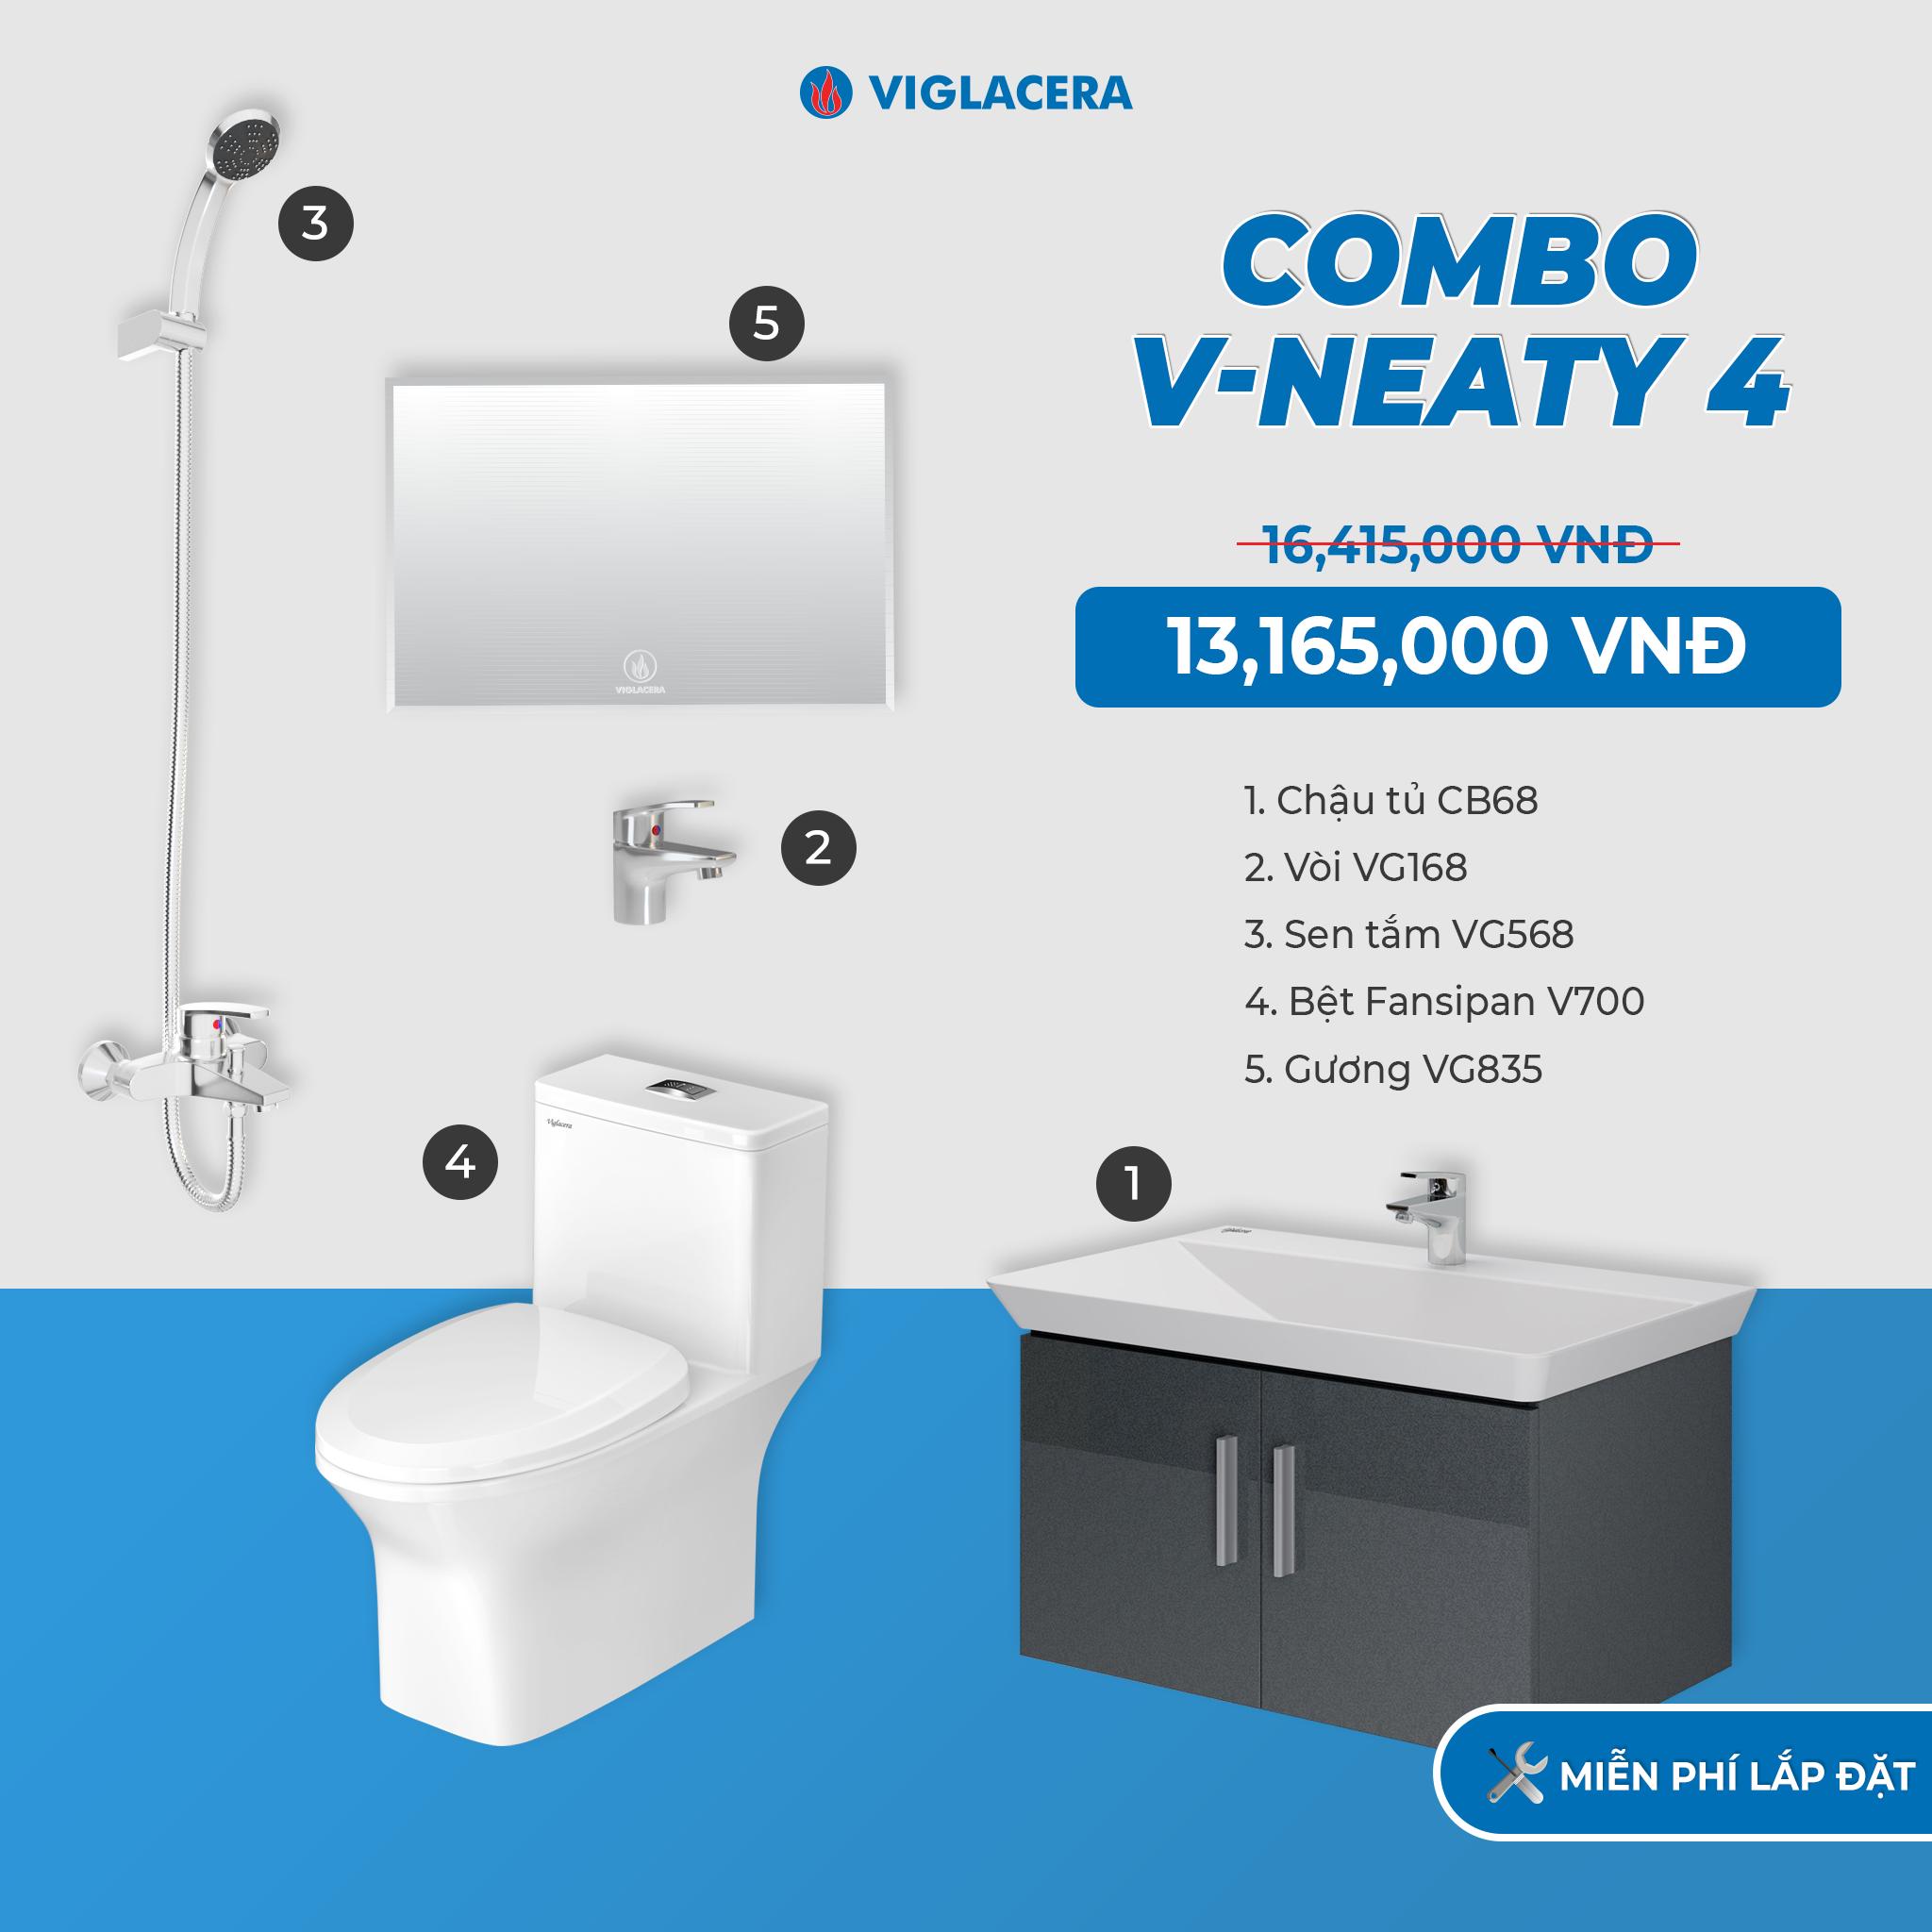 Combo V-NEATY 4